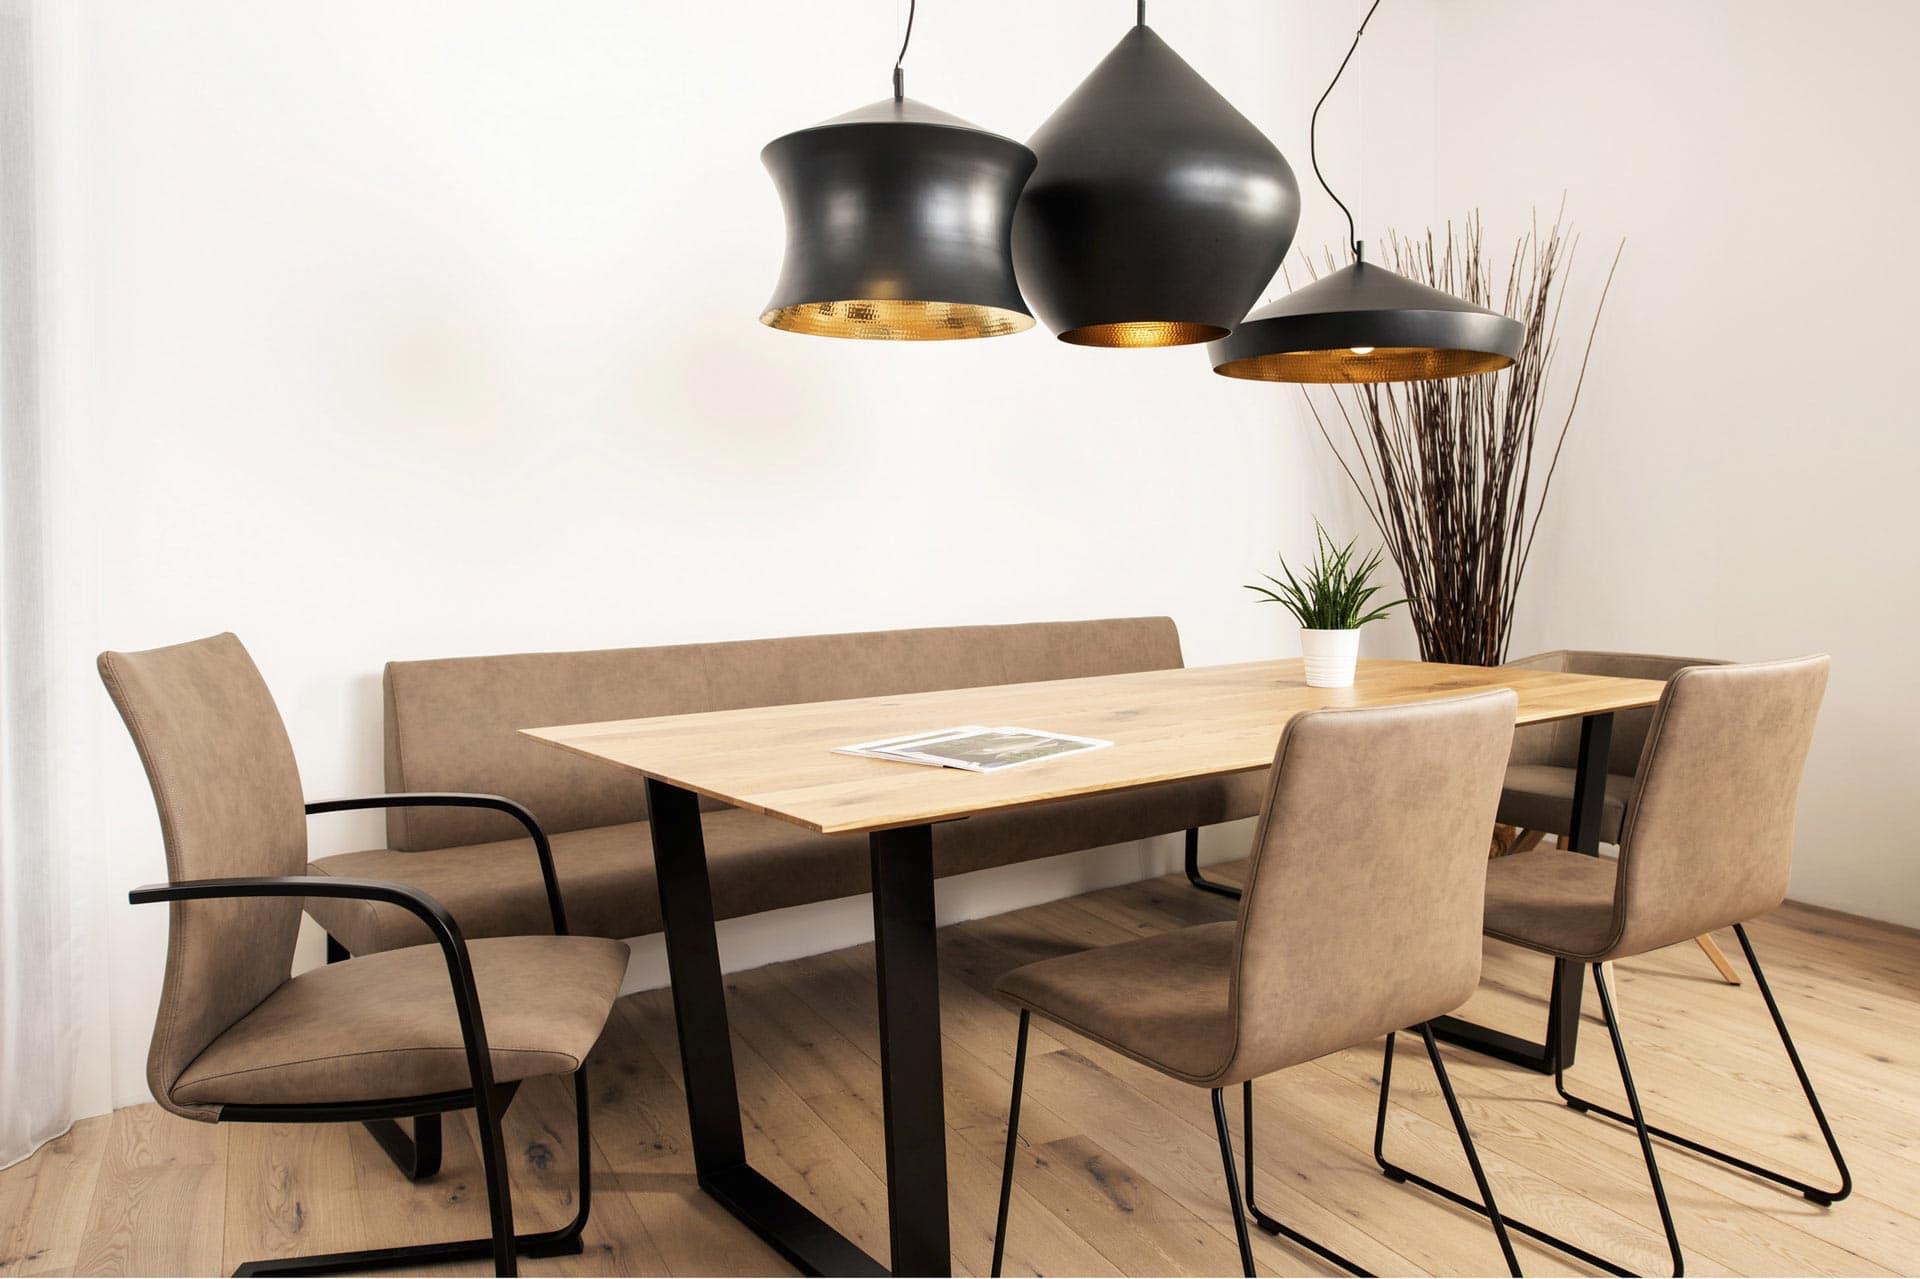 couchzone - Interior Design Innsbruck - modernes Esszimmer